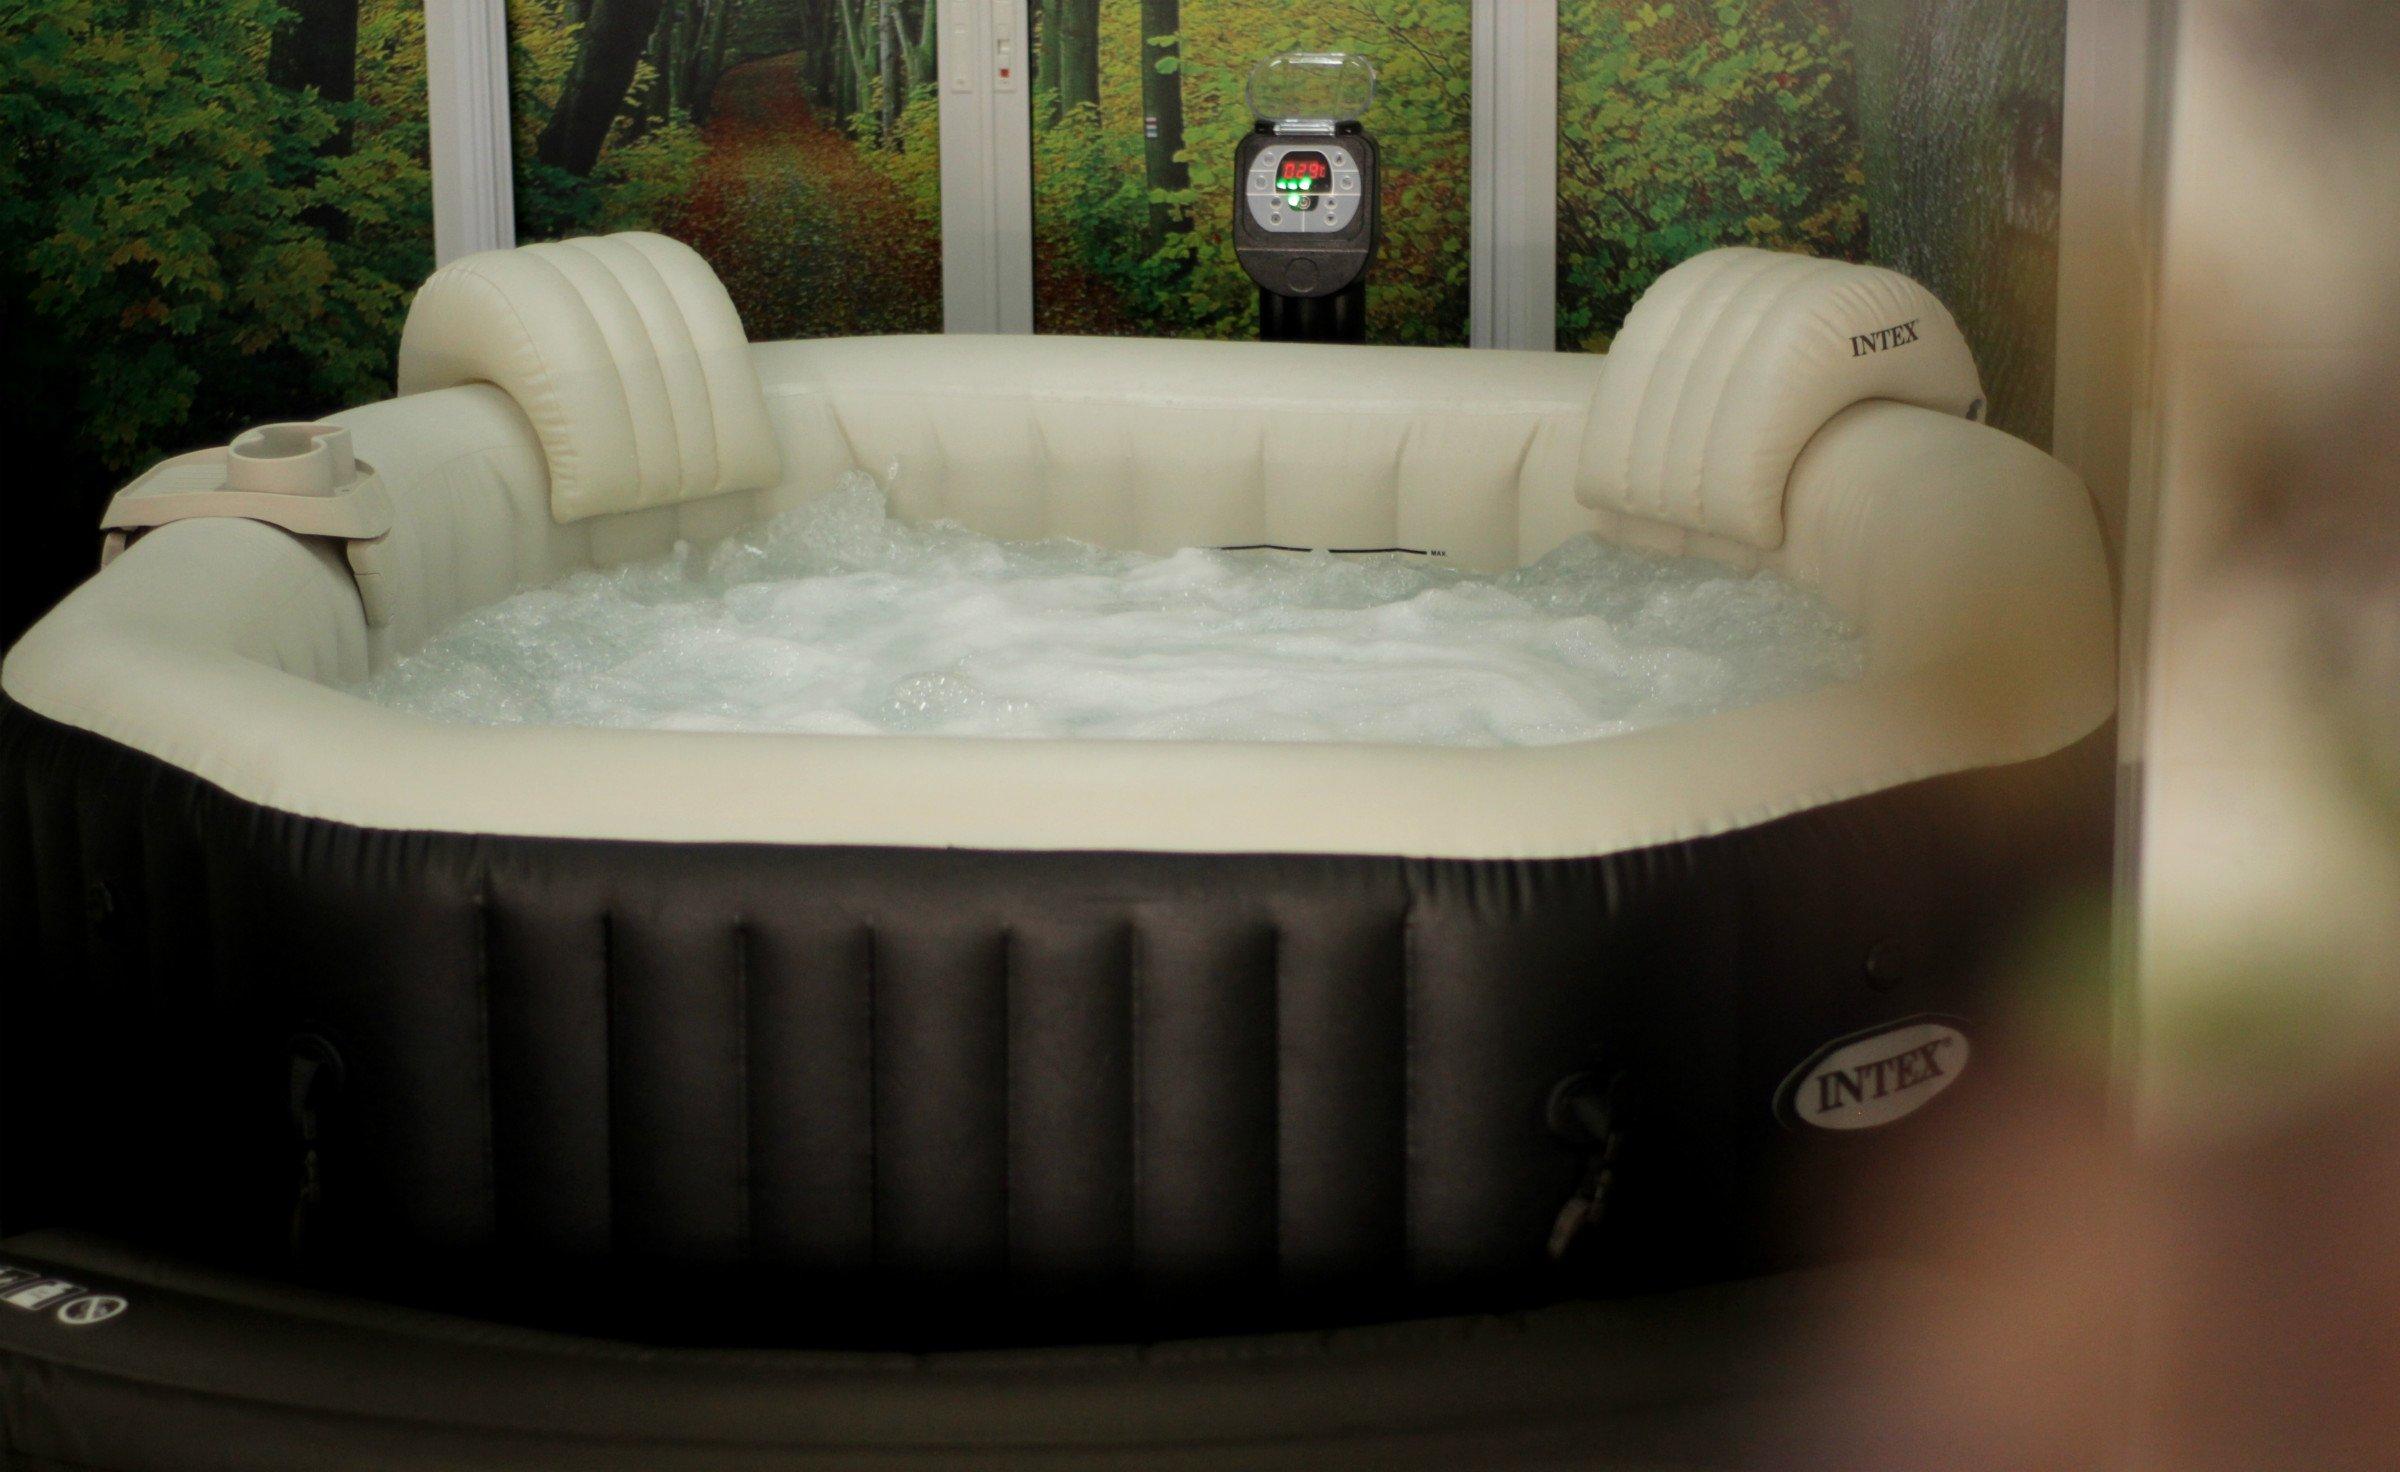 อ่างน้ำร้อน INTEX pure Spa อ่างน้ำวนจากุซซี่ อ่างสปา แช่น้ำร้อนเพื่อสุขภาพ บรรเทาโรค ผู้สูงอายุ ปวดเมื่อยกล้ามเนื้อ เอ็น กระดูก คนแก่ ผู้สูงวัย ผ่อนคลาย Hot tub